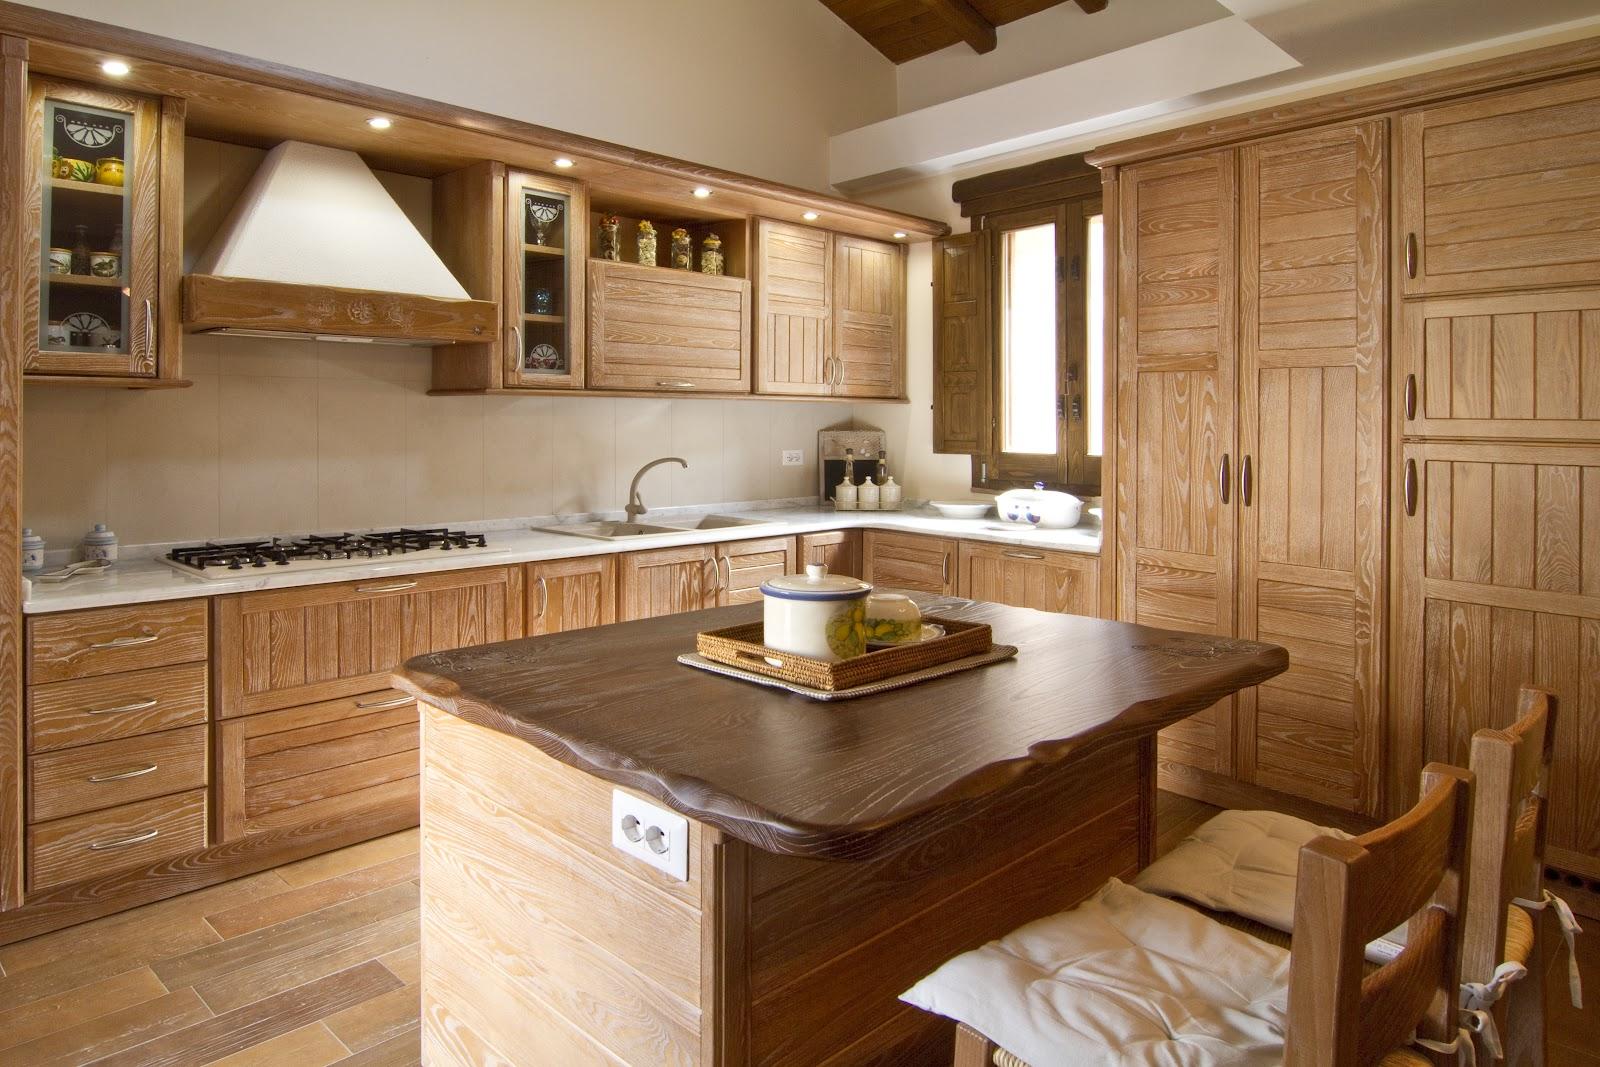 Cucina Legno Naturale Ikea   Cucine Moderne Legno Naturale Top ...